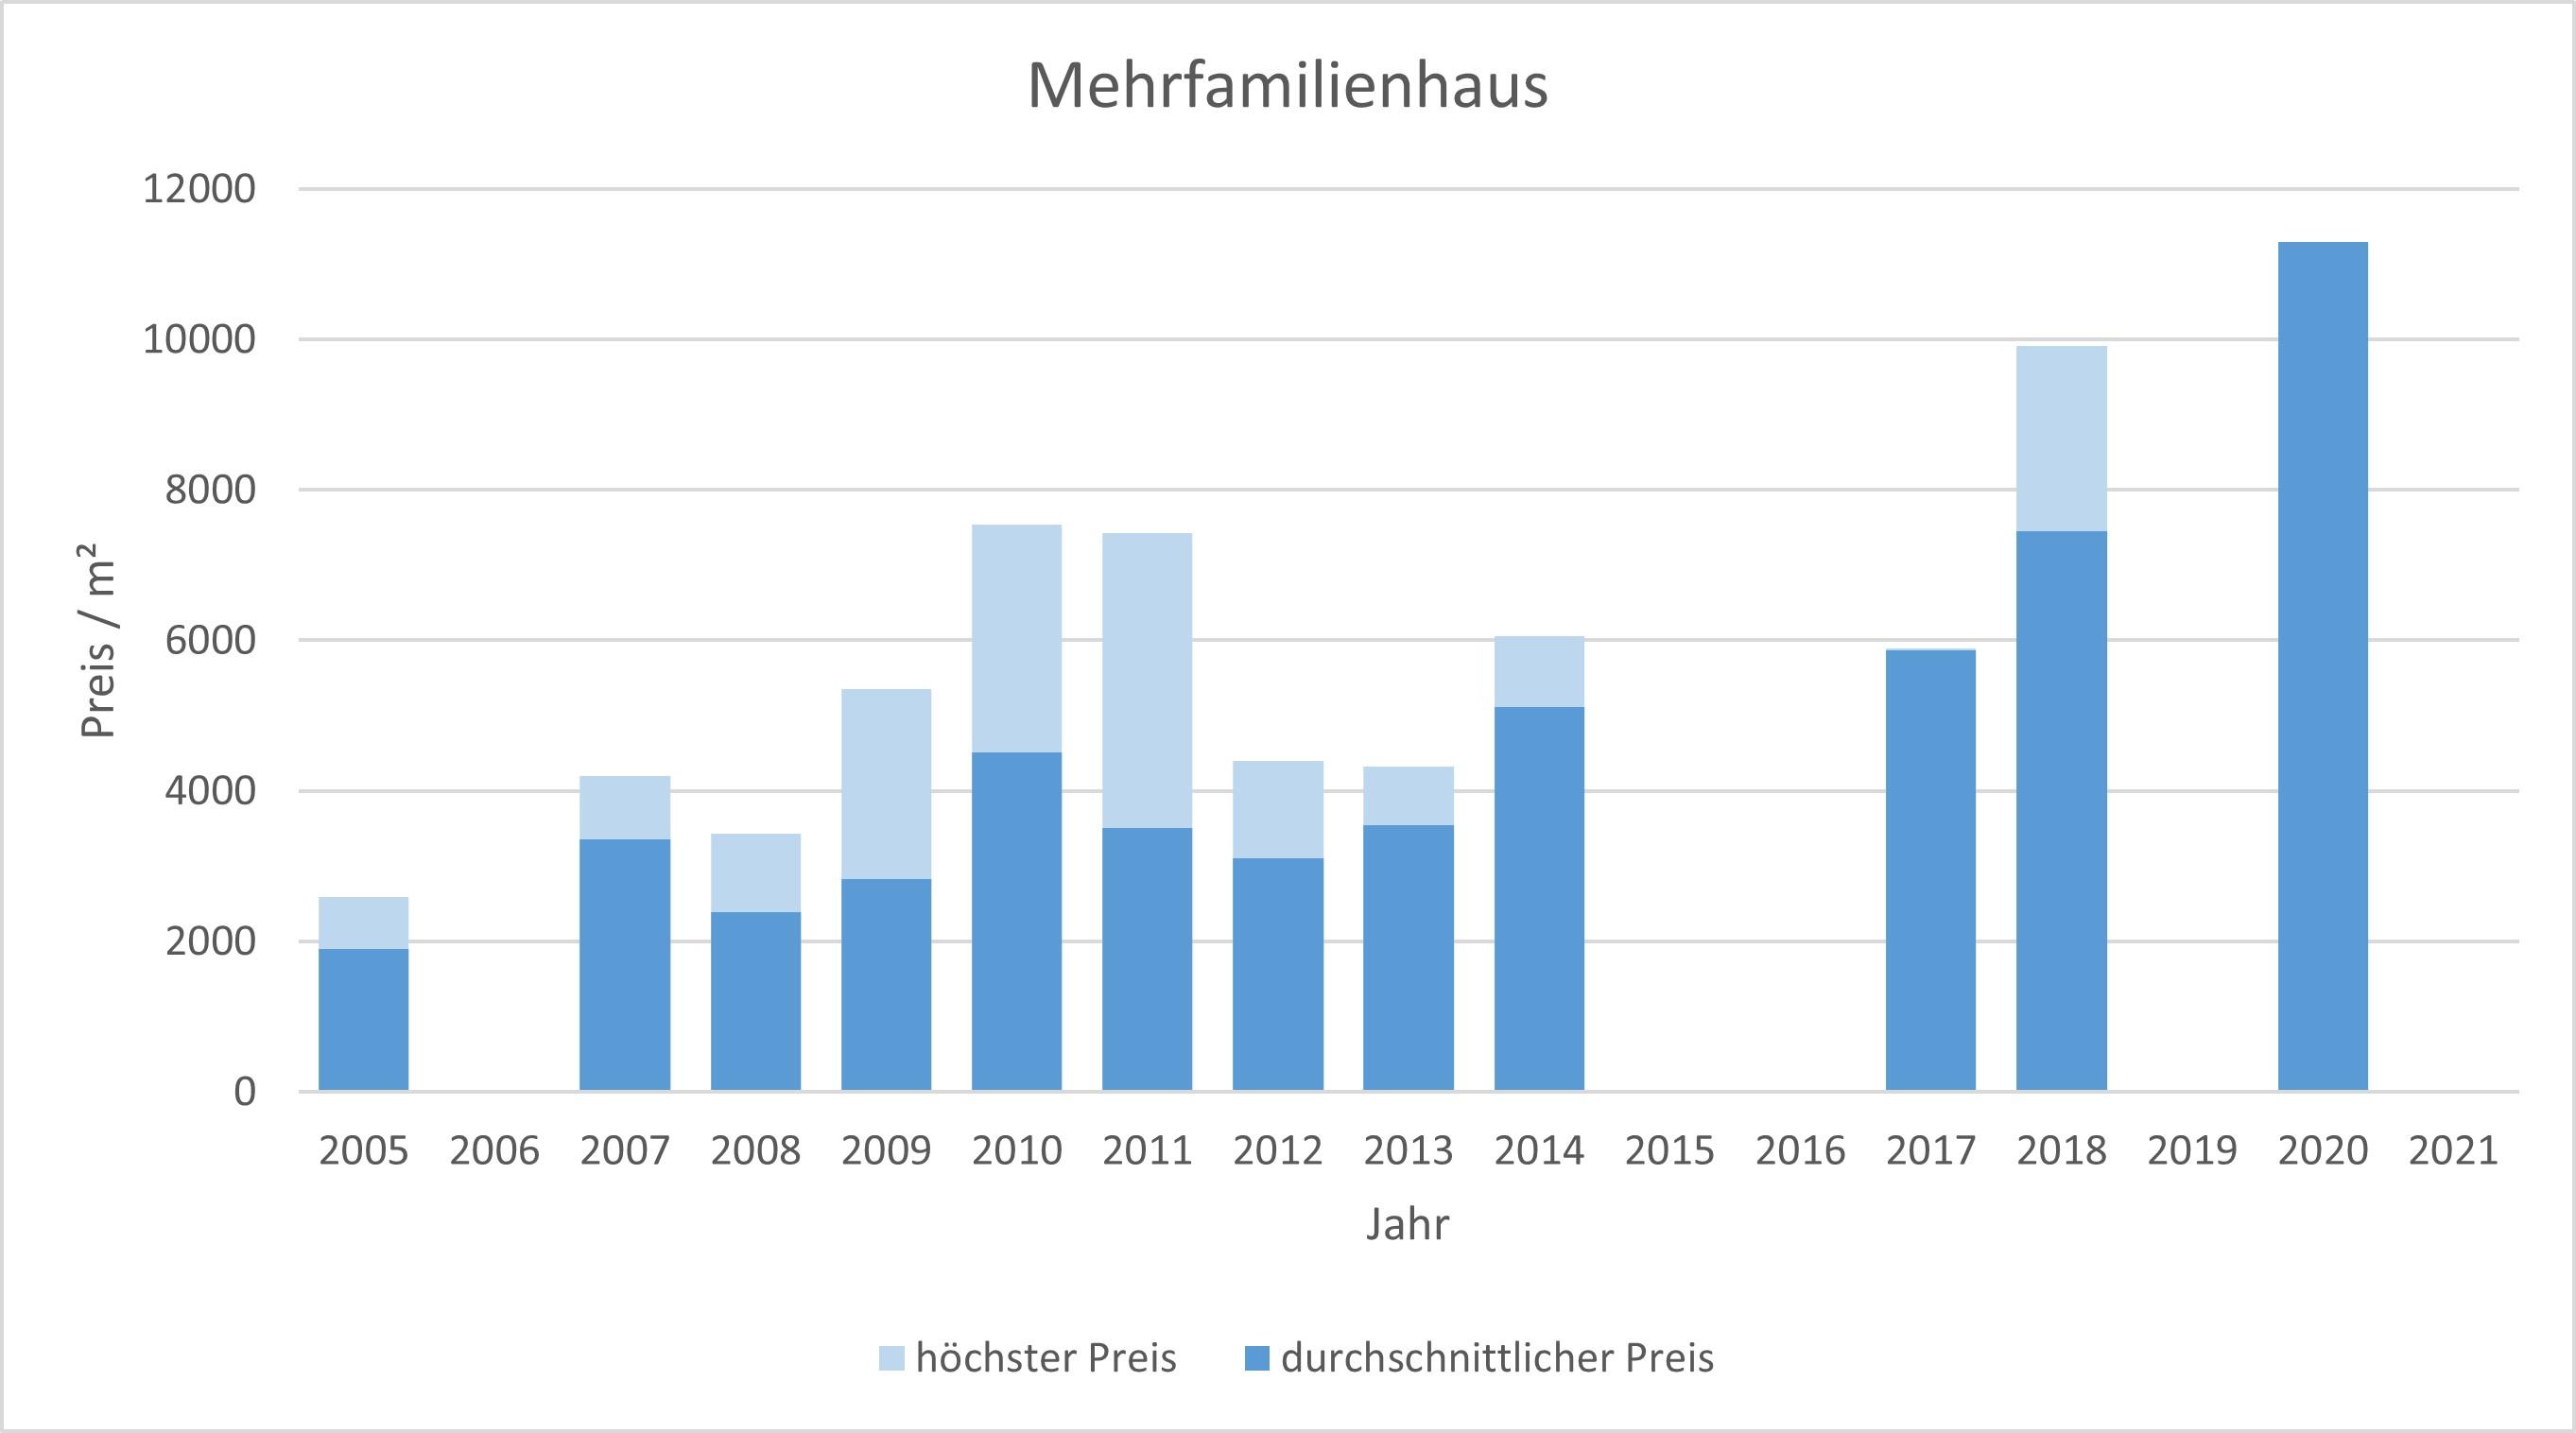 München - Thalkirchen Mehrfamilienhaus kaufen verkaufen Preis Bewertung Makler 2019 2020 2021 www.happy-immo.de